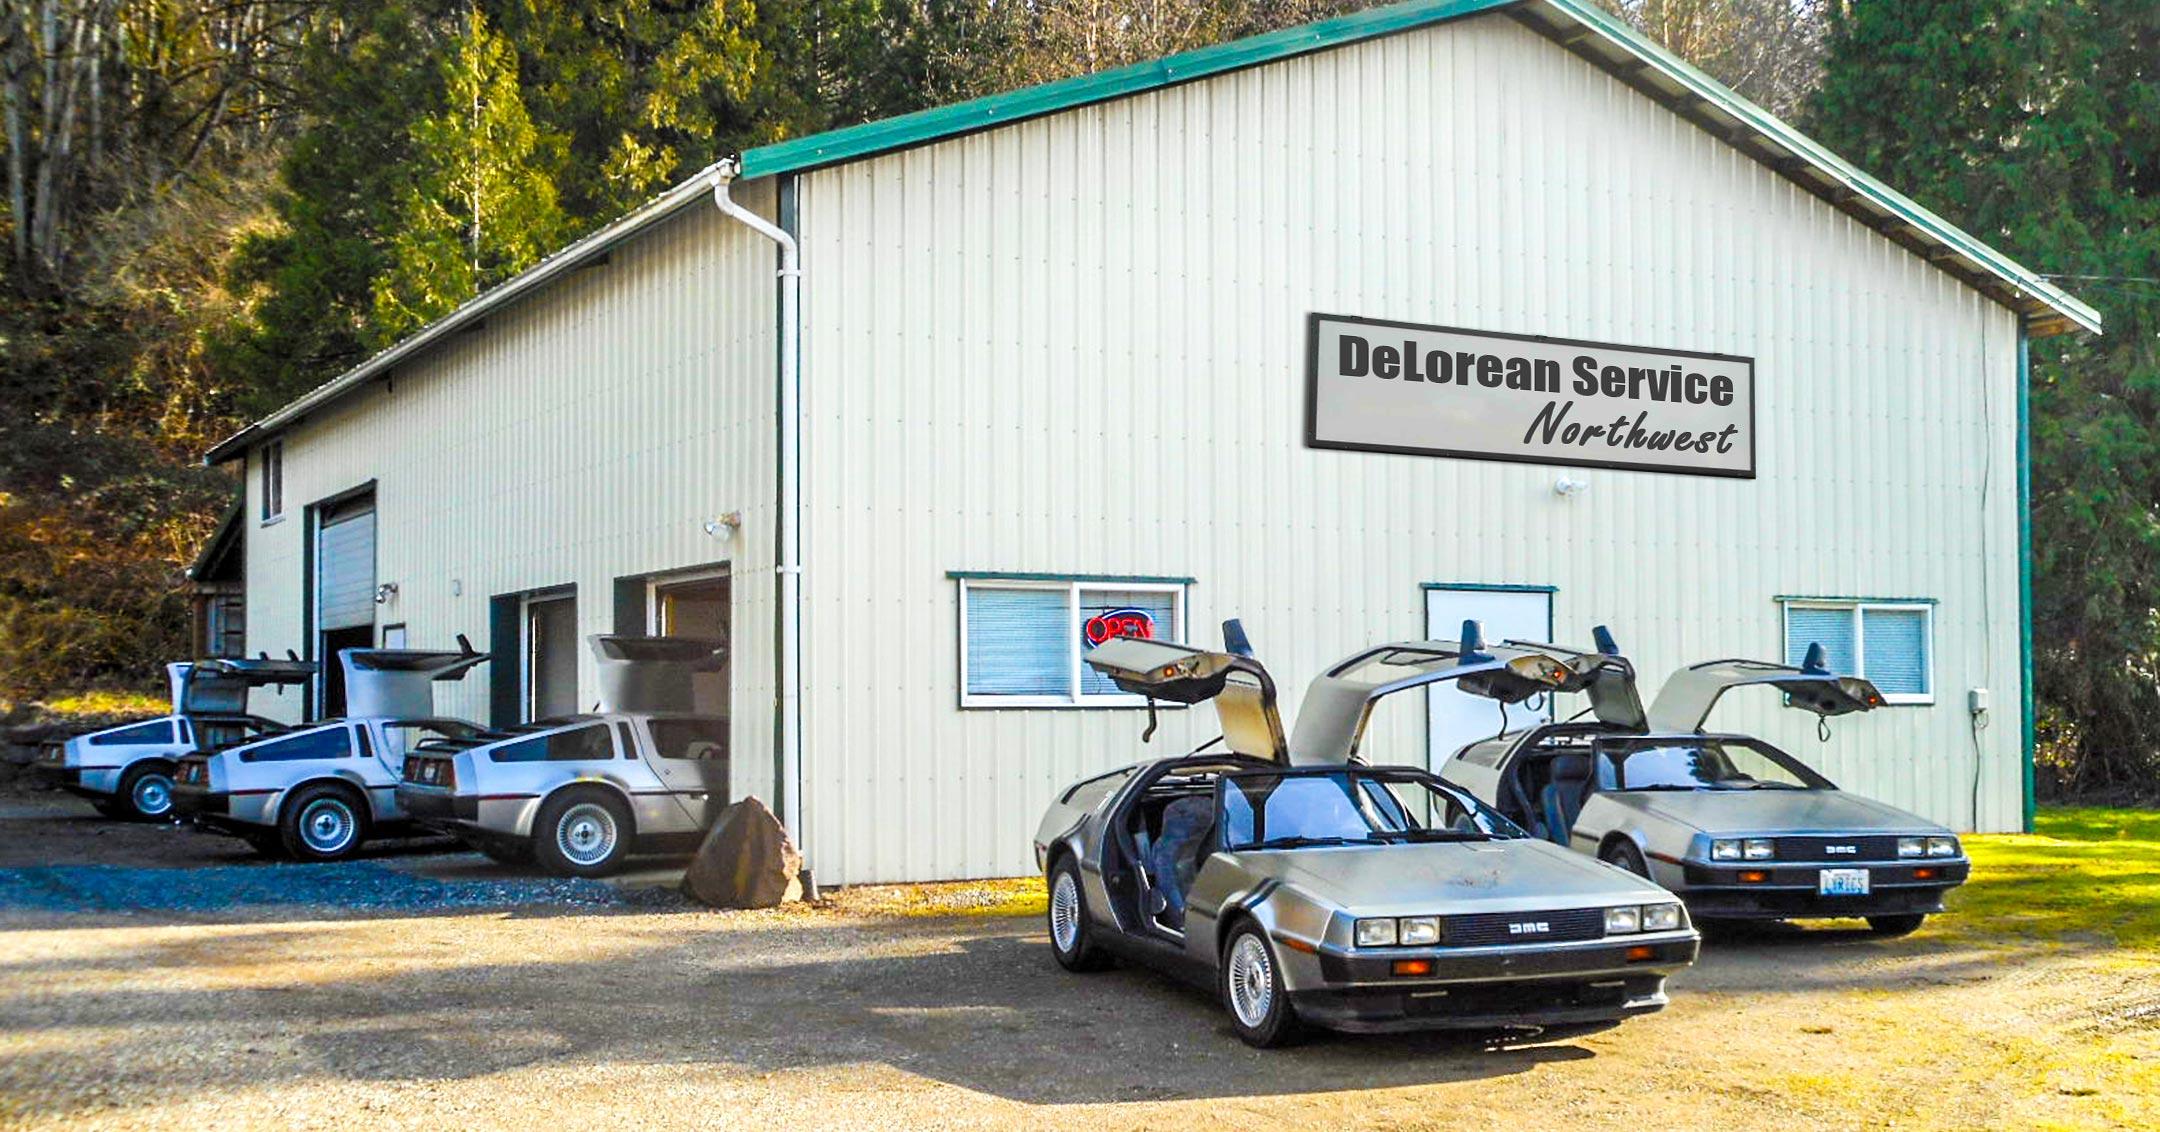 DeLorean Service Northwest | DeLorean-Service.com